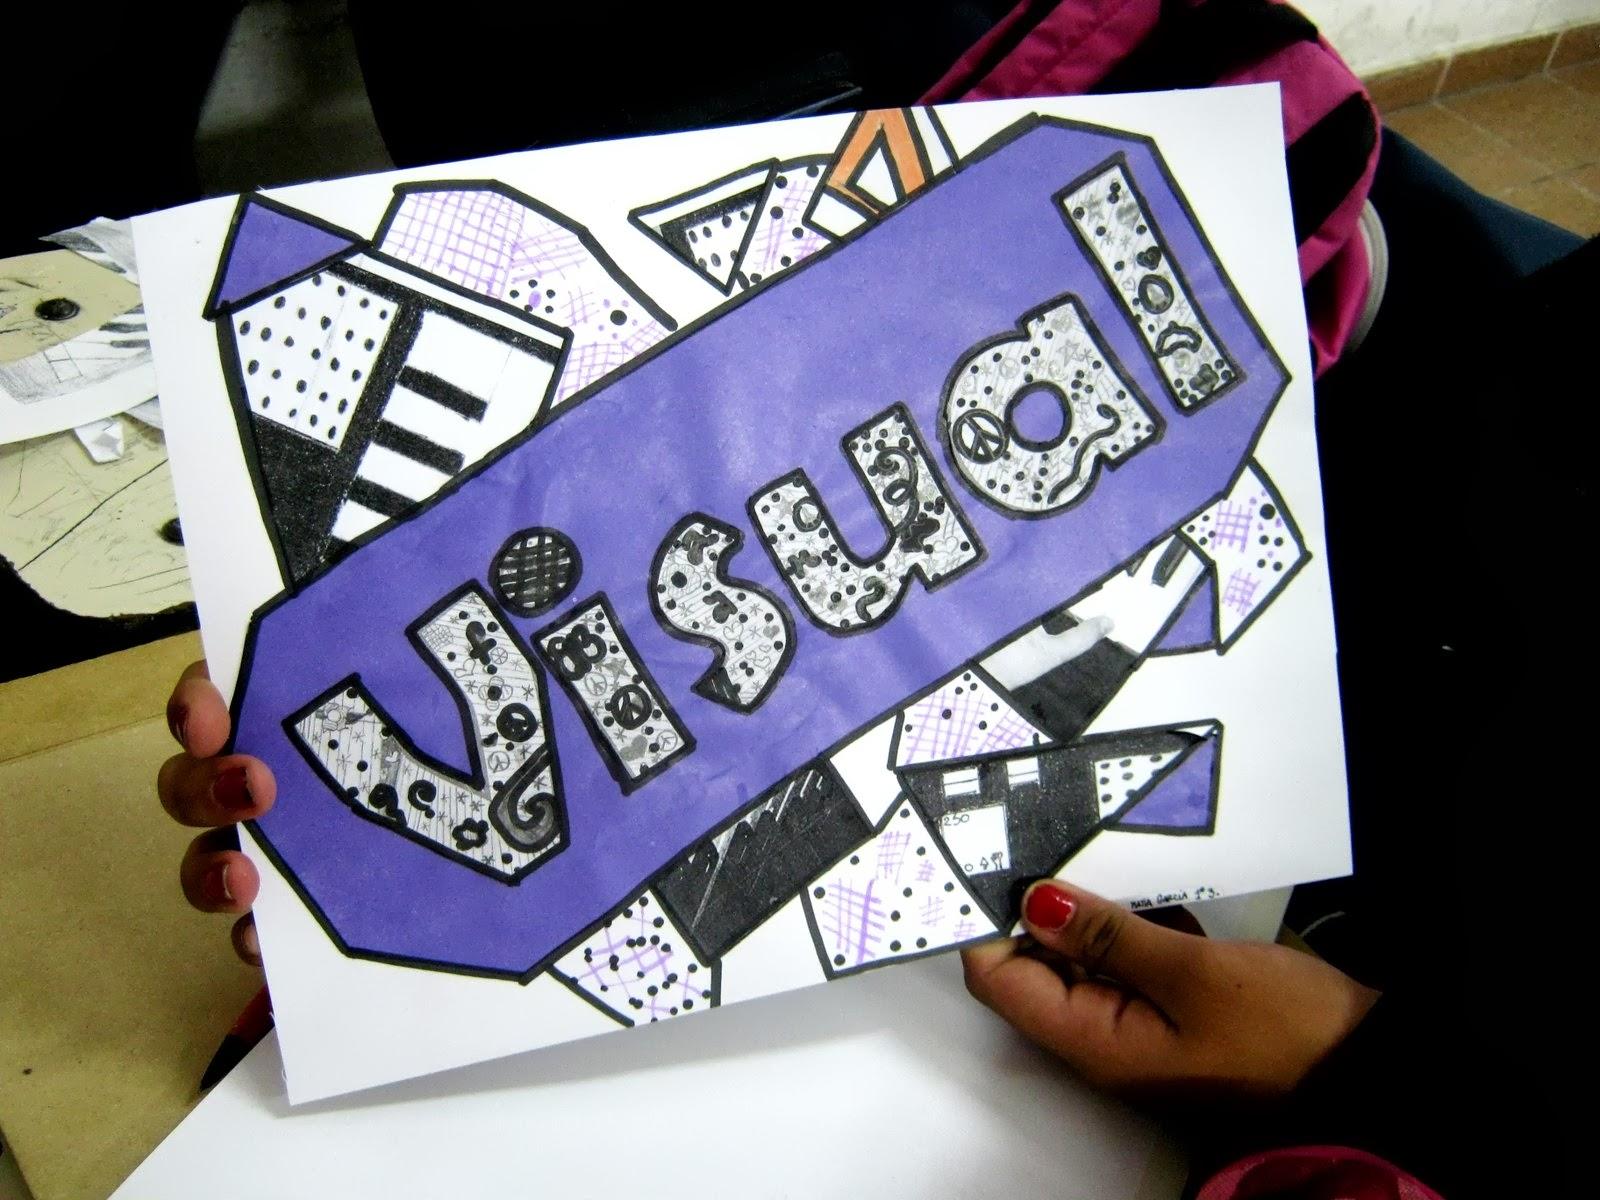 Dibujos para carpetas de secundaria imagui for Caratulas de artes plasticas para secundaria